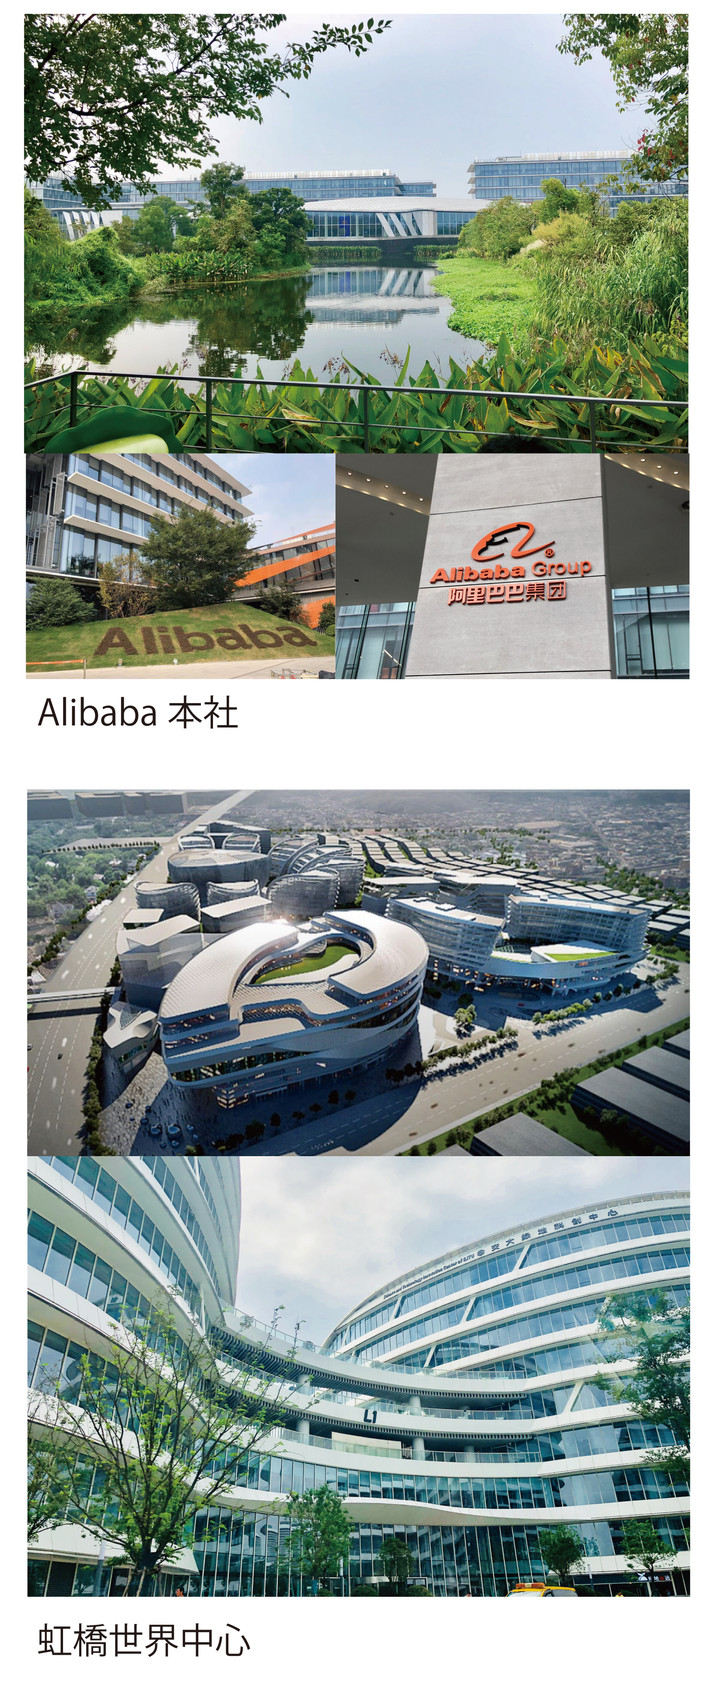 Alibaba本社などを ご訪問。